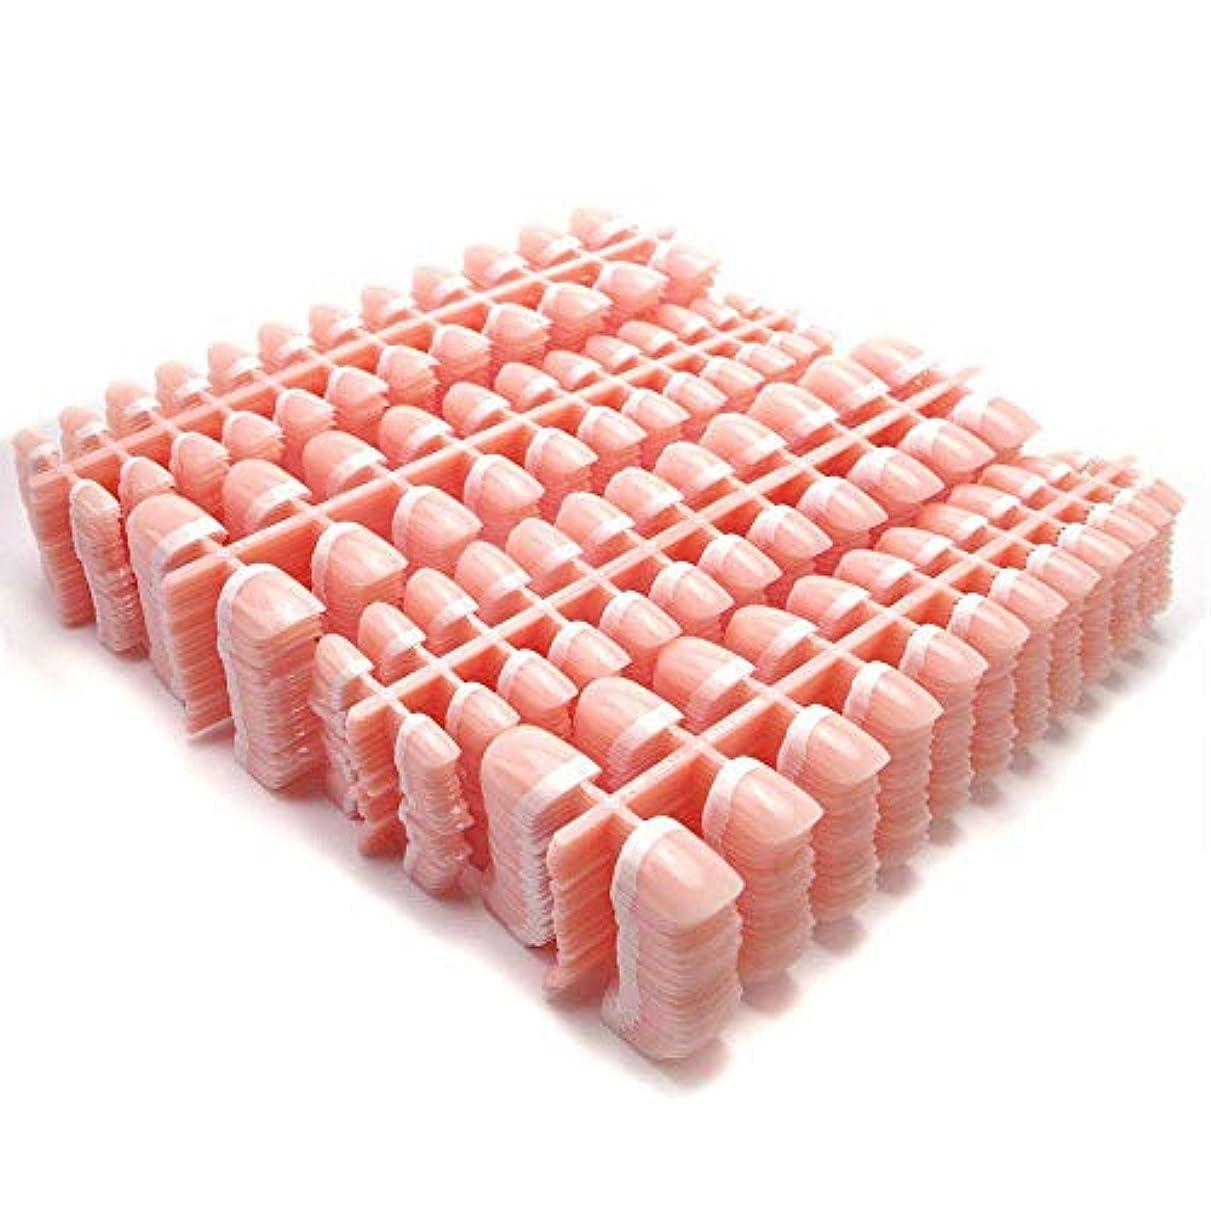 放課後拡大する間違いYuNail ネイルチップ 24枚  12別サイズ つや出し 幾何学 セロファン 足の爪 ピンク 短い 四角形 フルカバー 水玉